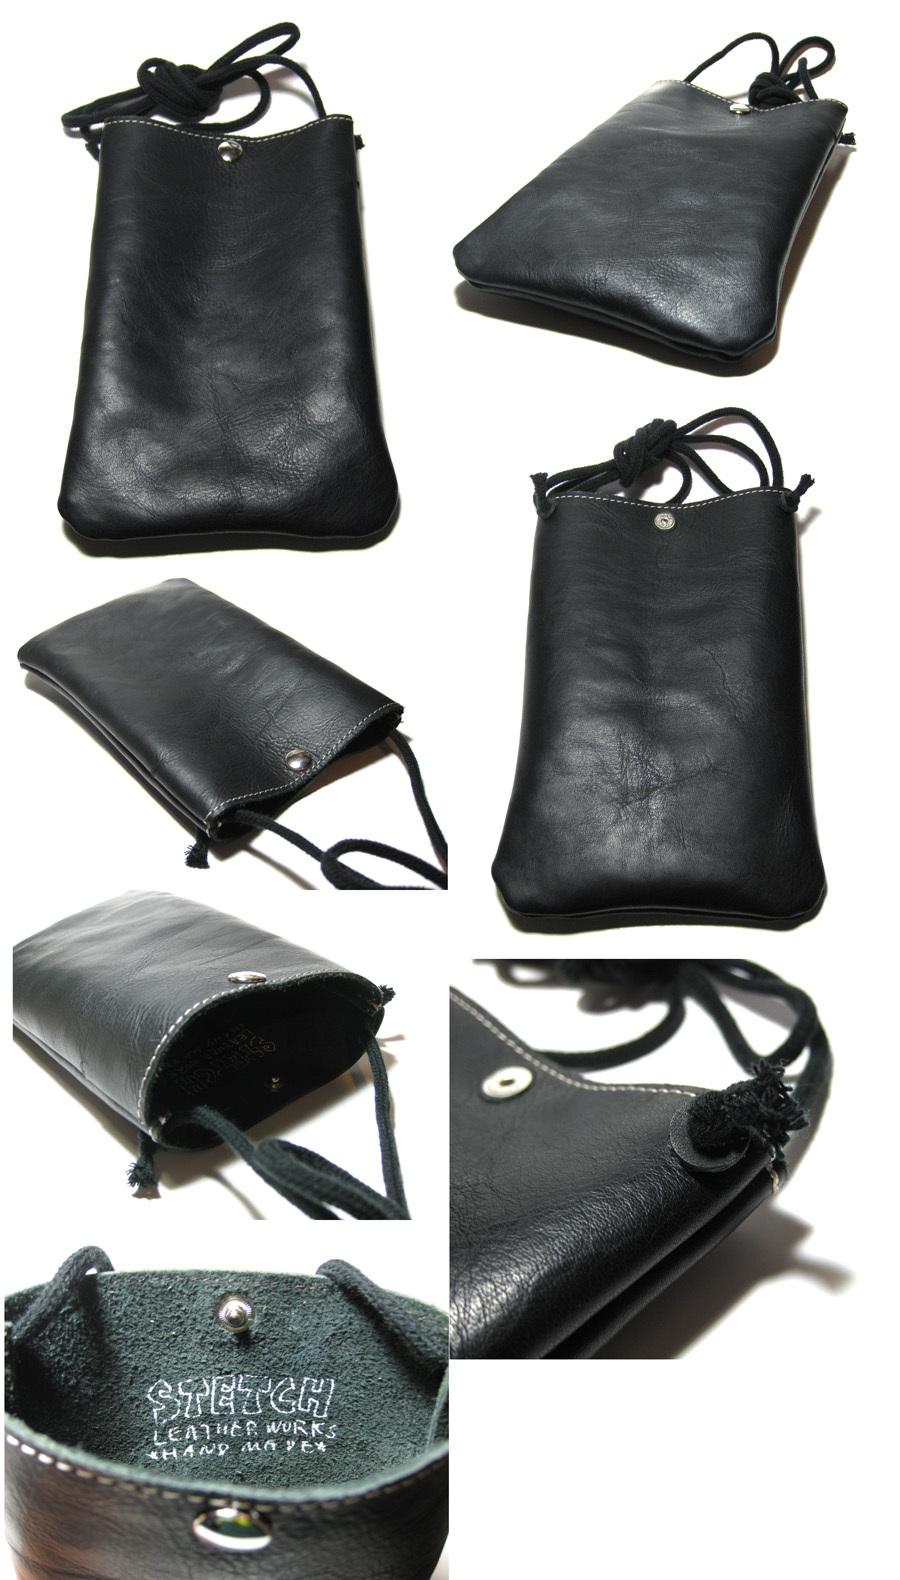 袋縫いミニポーチ_f0130303_15540395.jpg